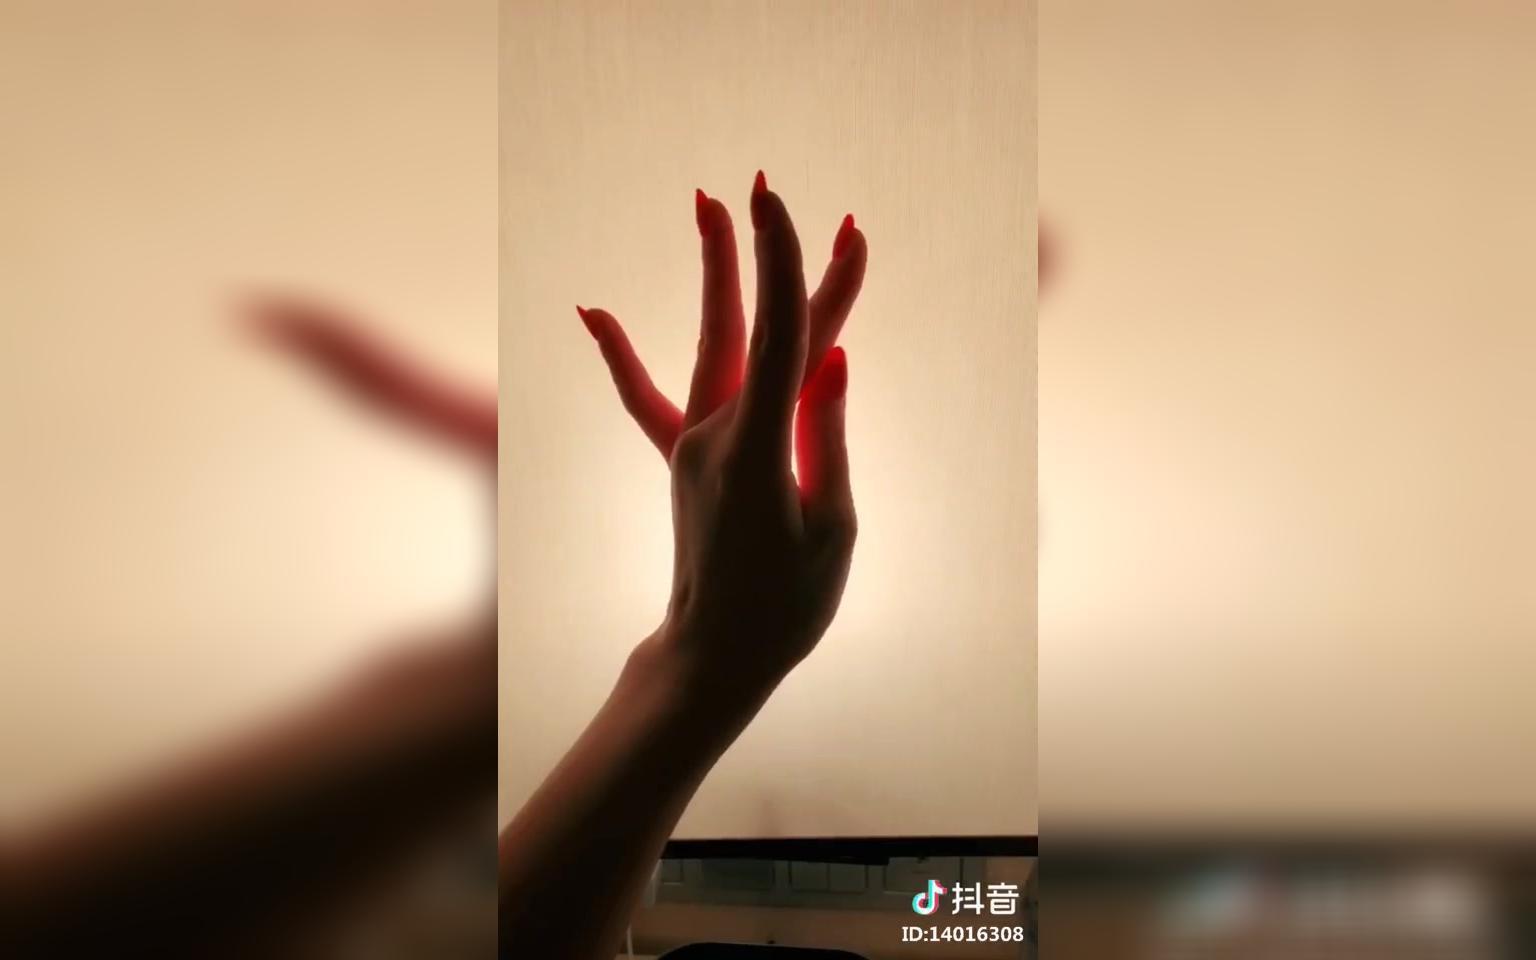 纤纤玉指如青葱 京剧兰花指手势